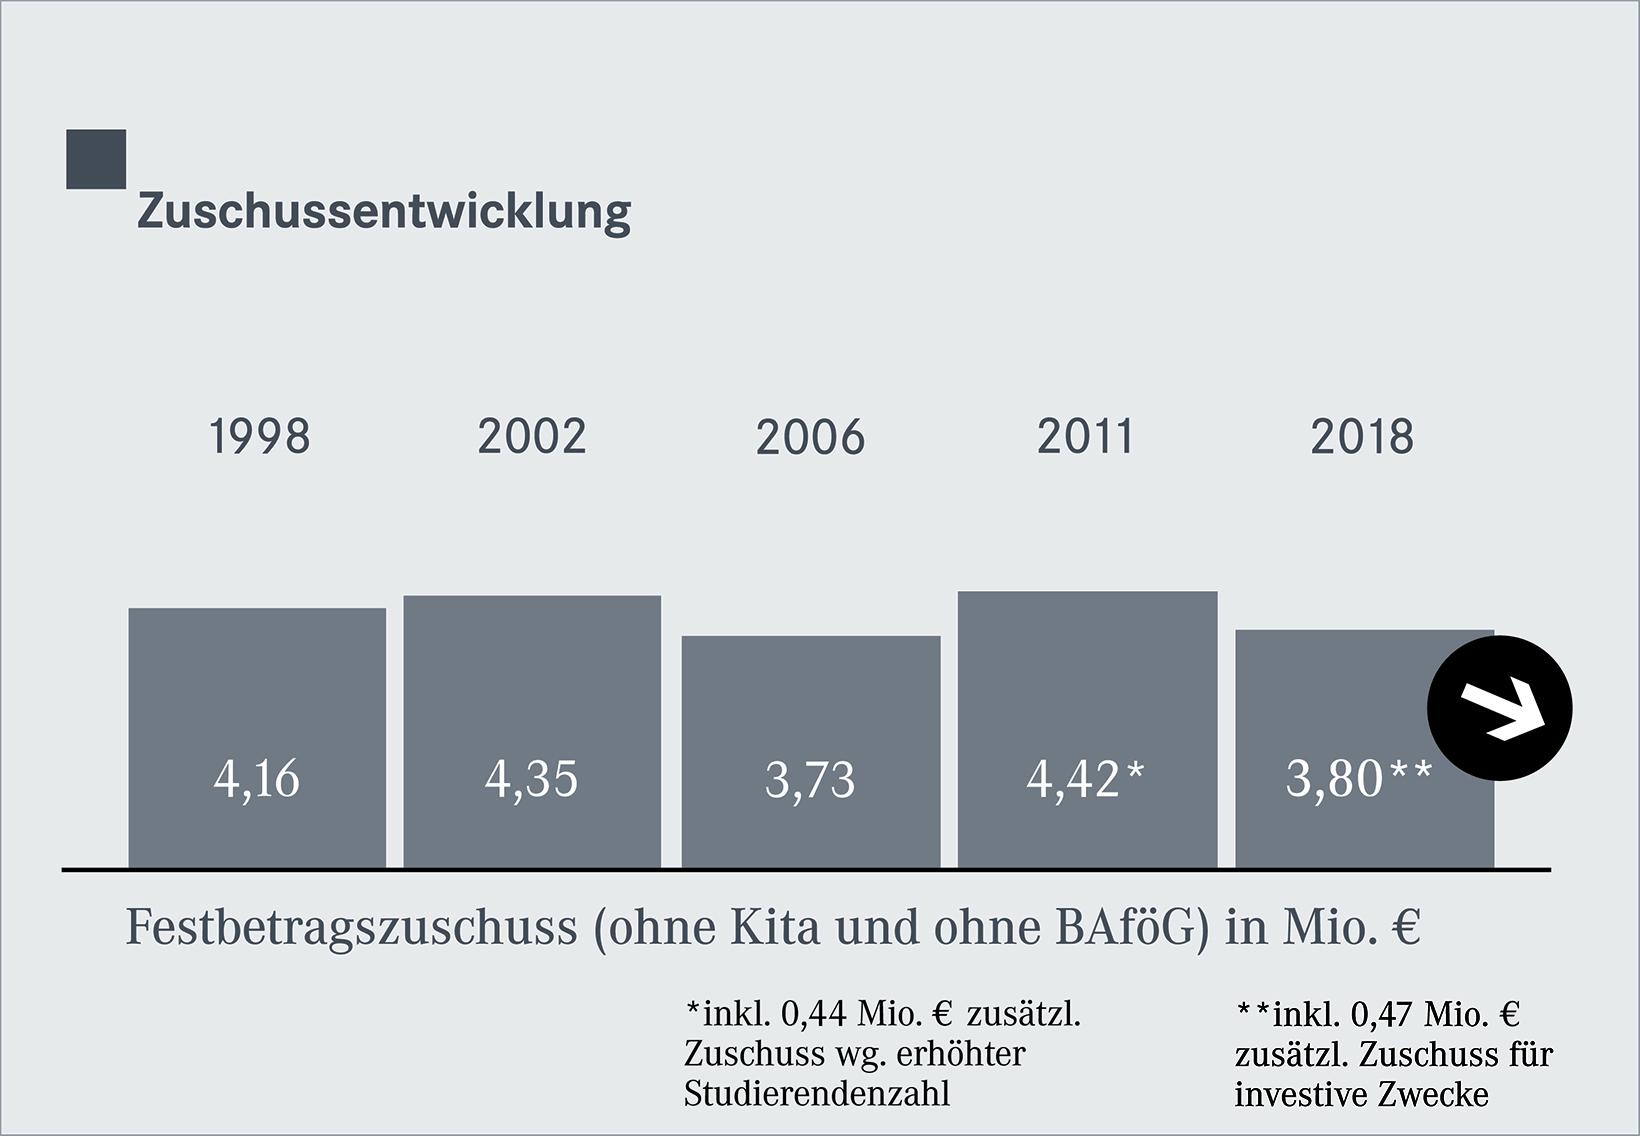 STW_Grafik_Zuschuss_1016